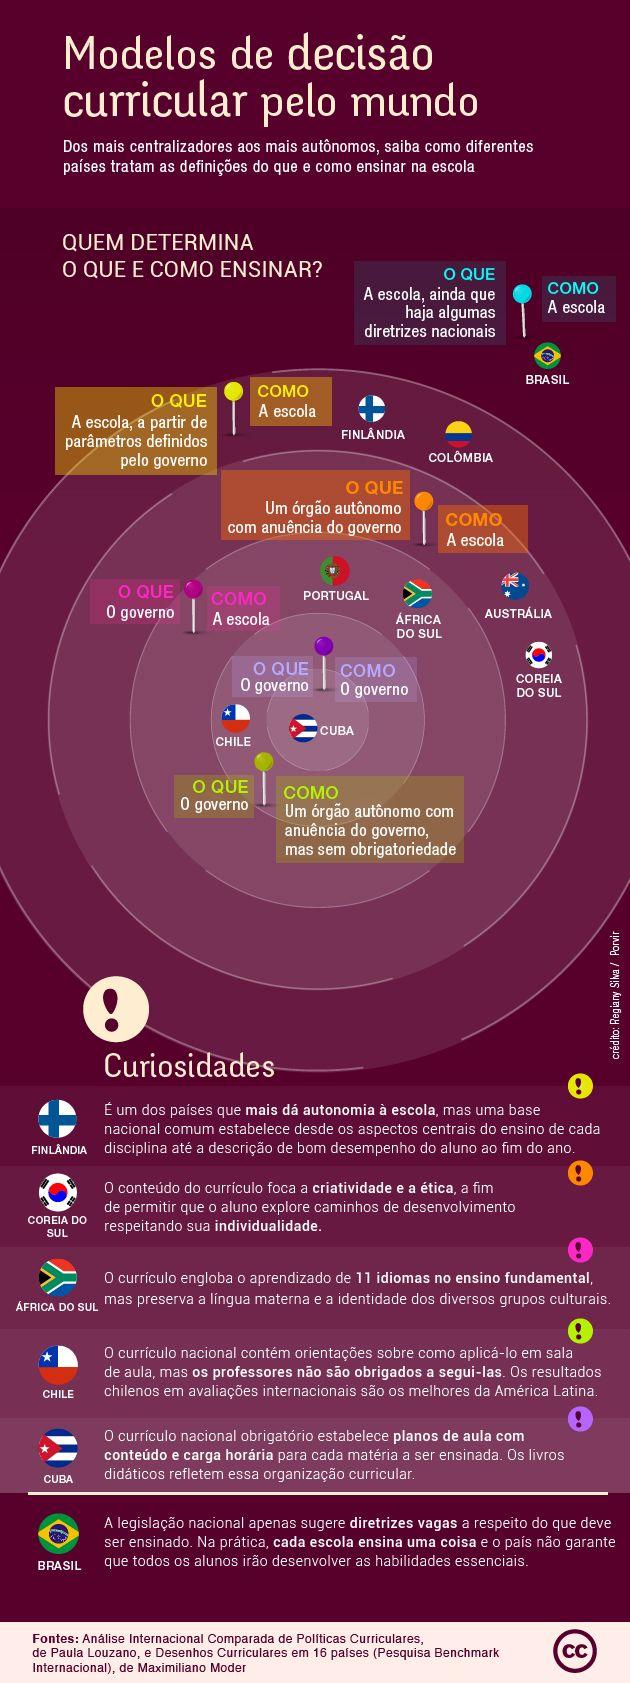 Estudos mostram como outros países construíram e implementaram objetivos de aprendizagem para seus alunos